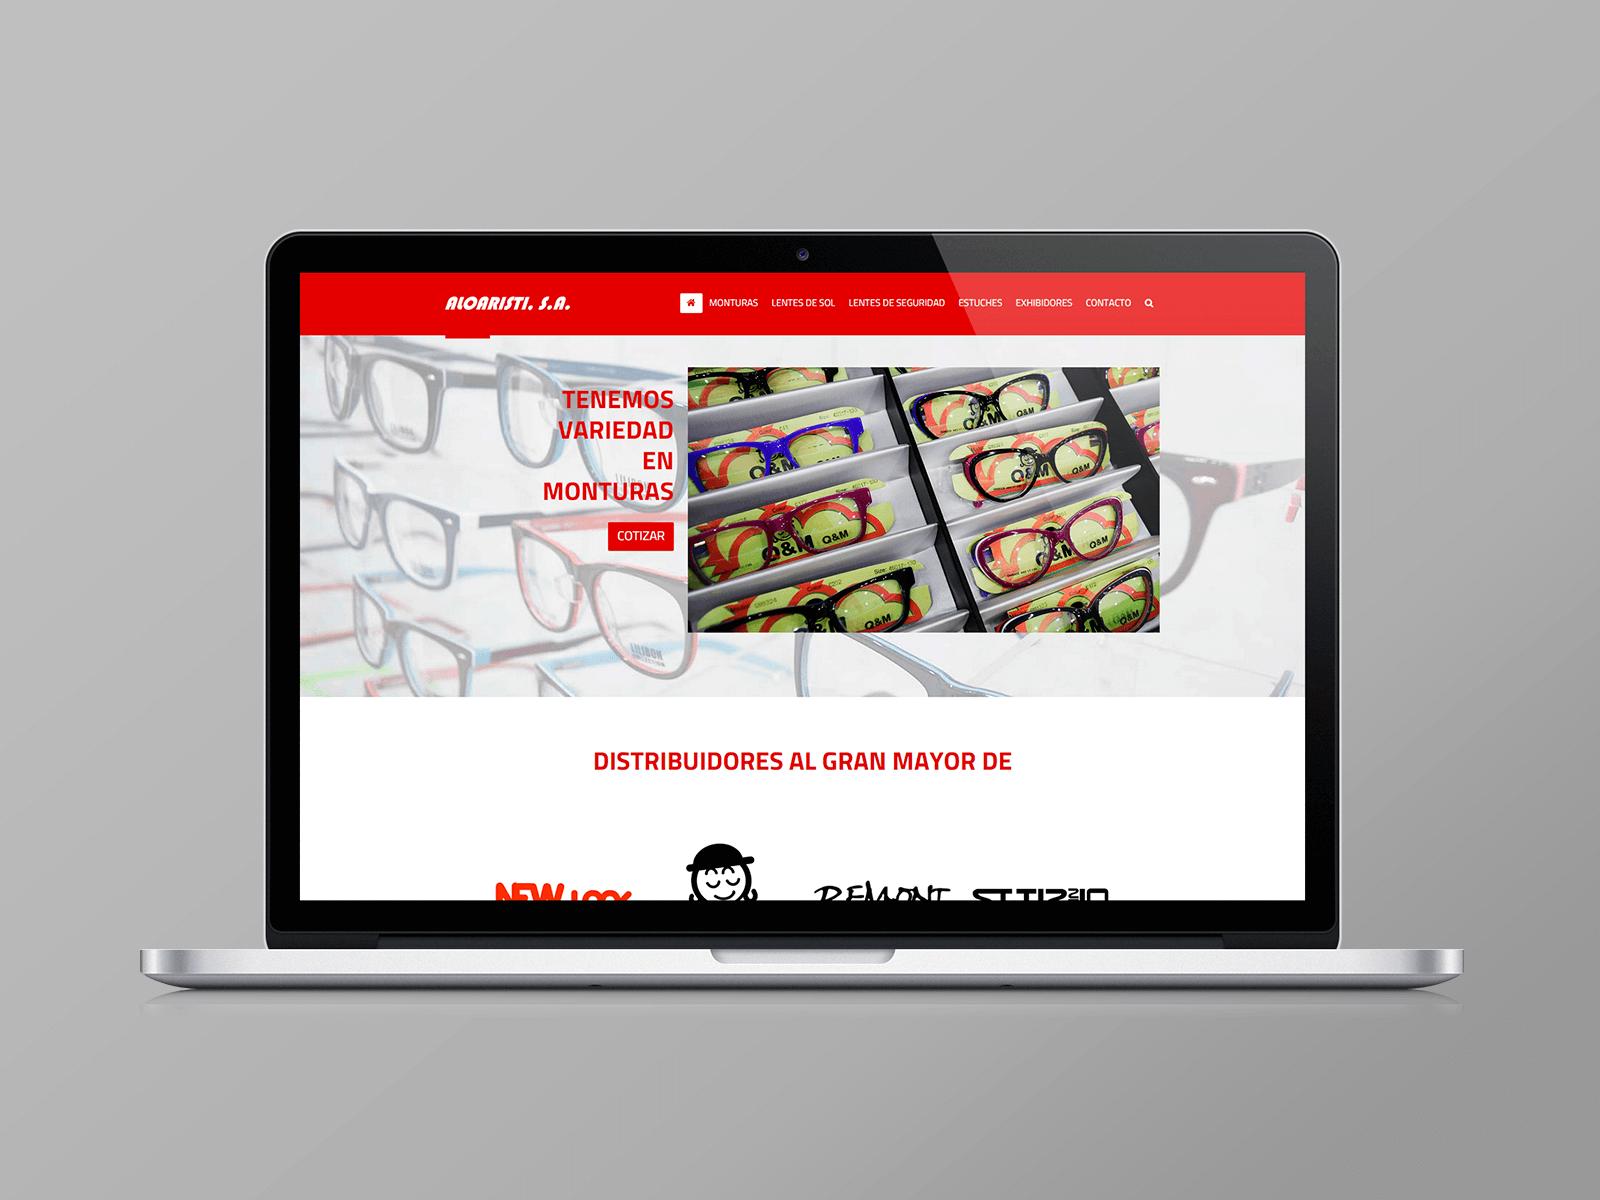 83pixeles | Aloaristi, S.A. | Diseño Web Responsive en Panamá